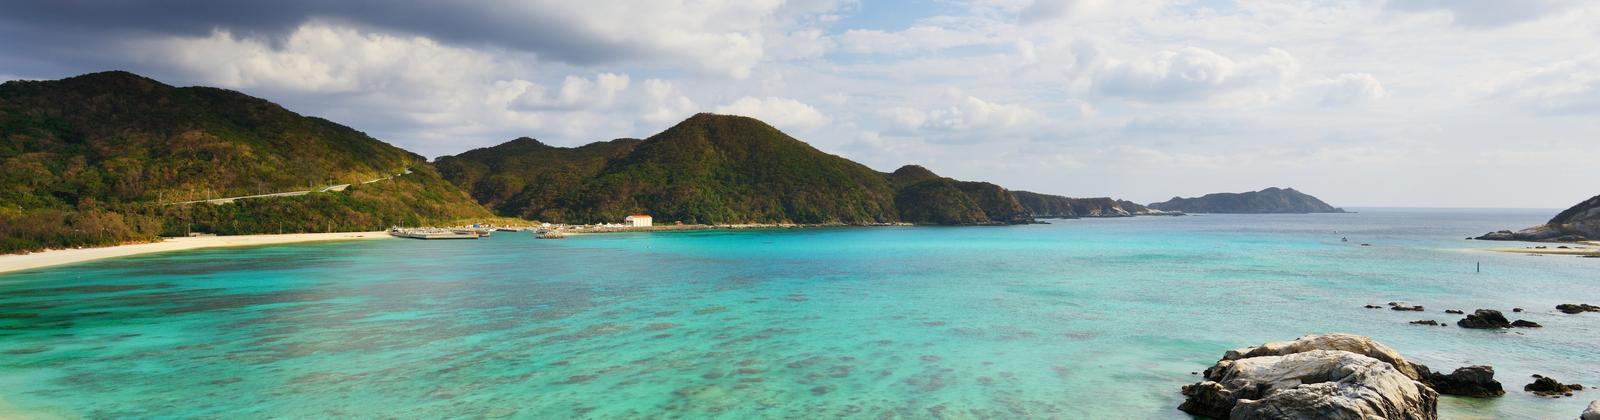 일본의 유니크한 섬 Best 4